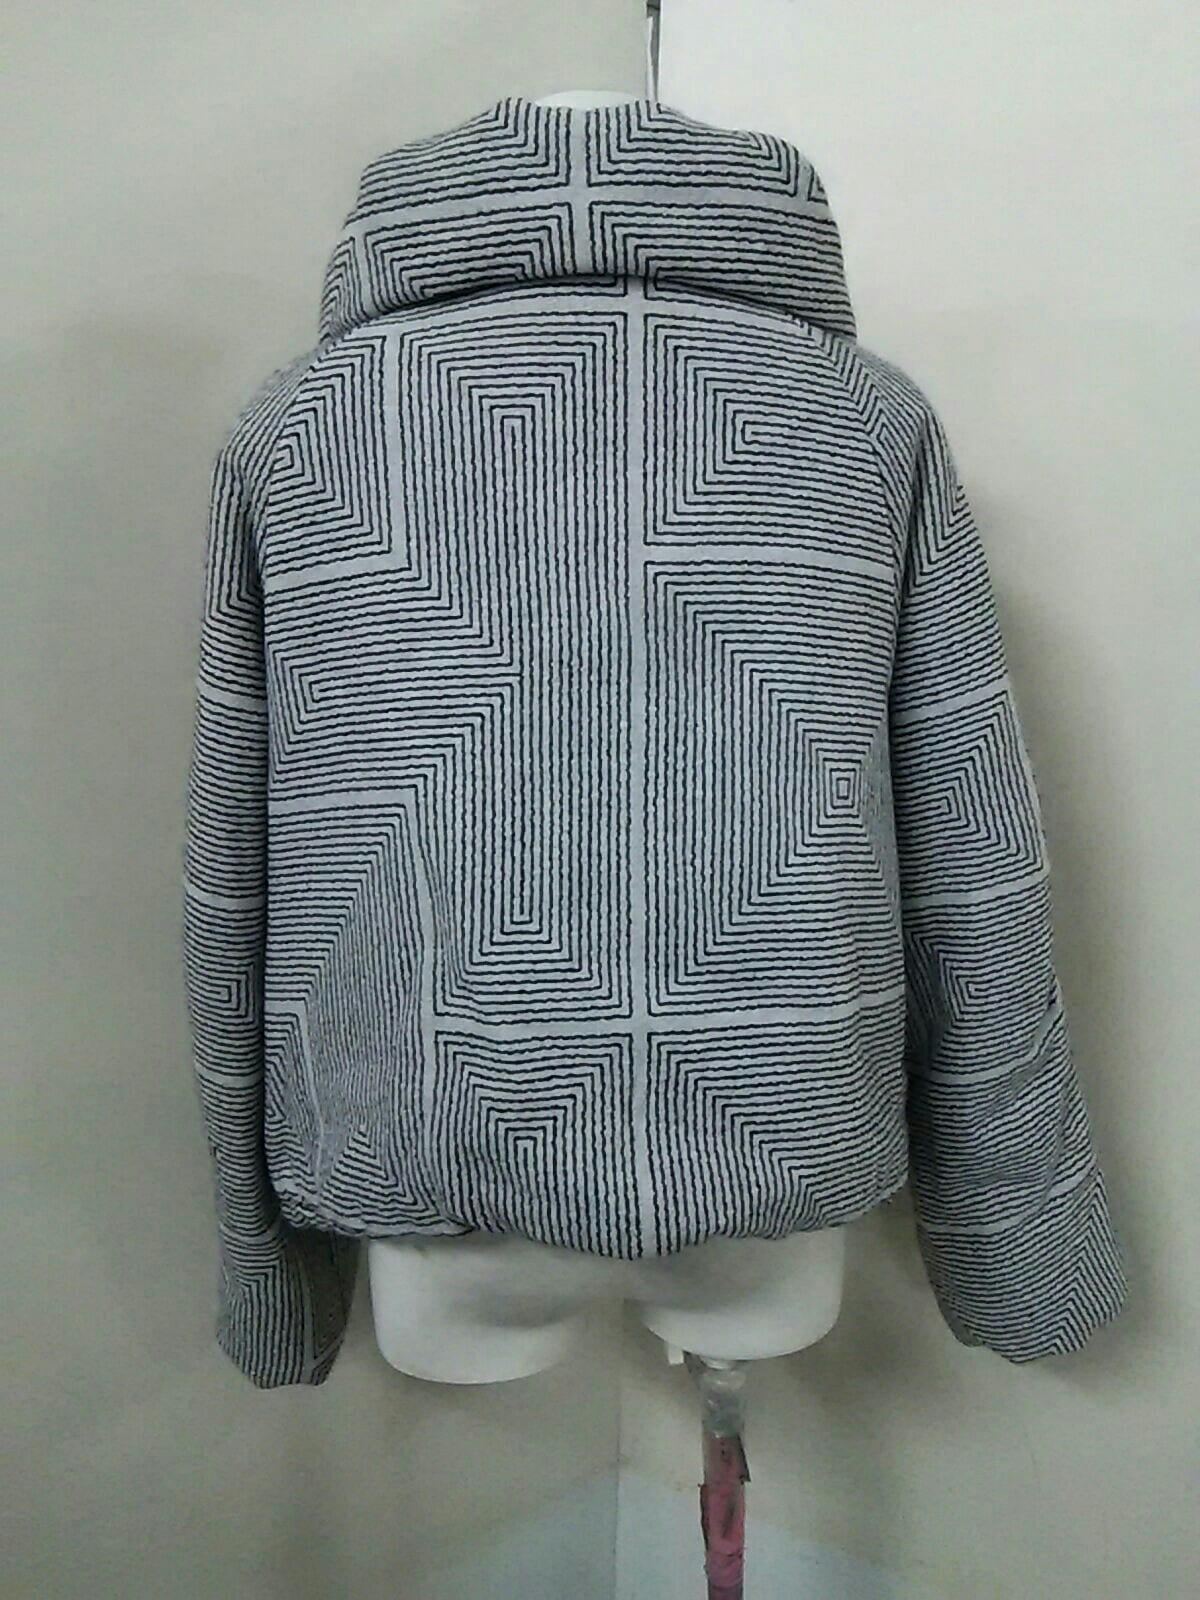 芽風(メフウ/センソユニコ)のダウンジャケット